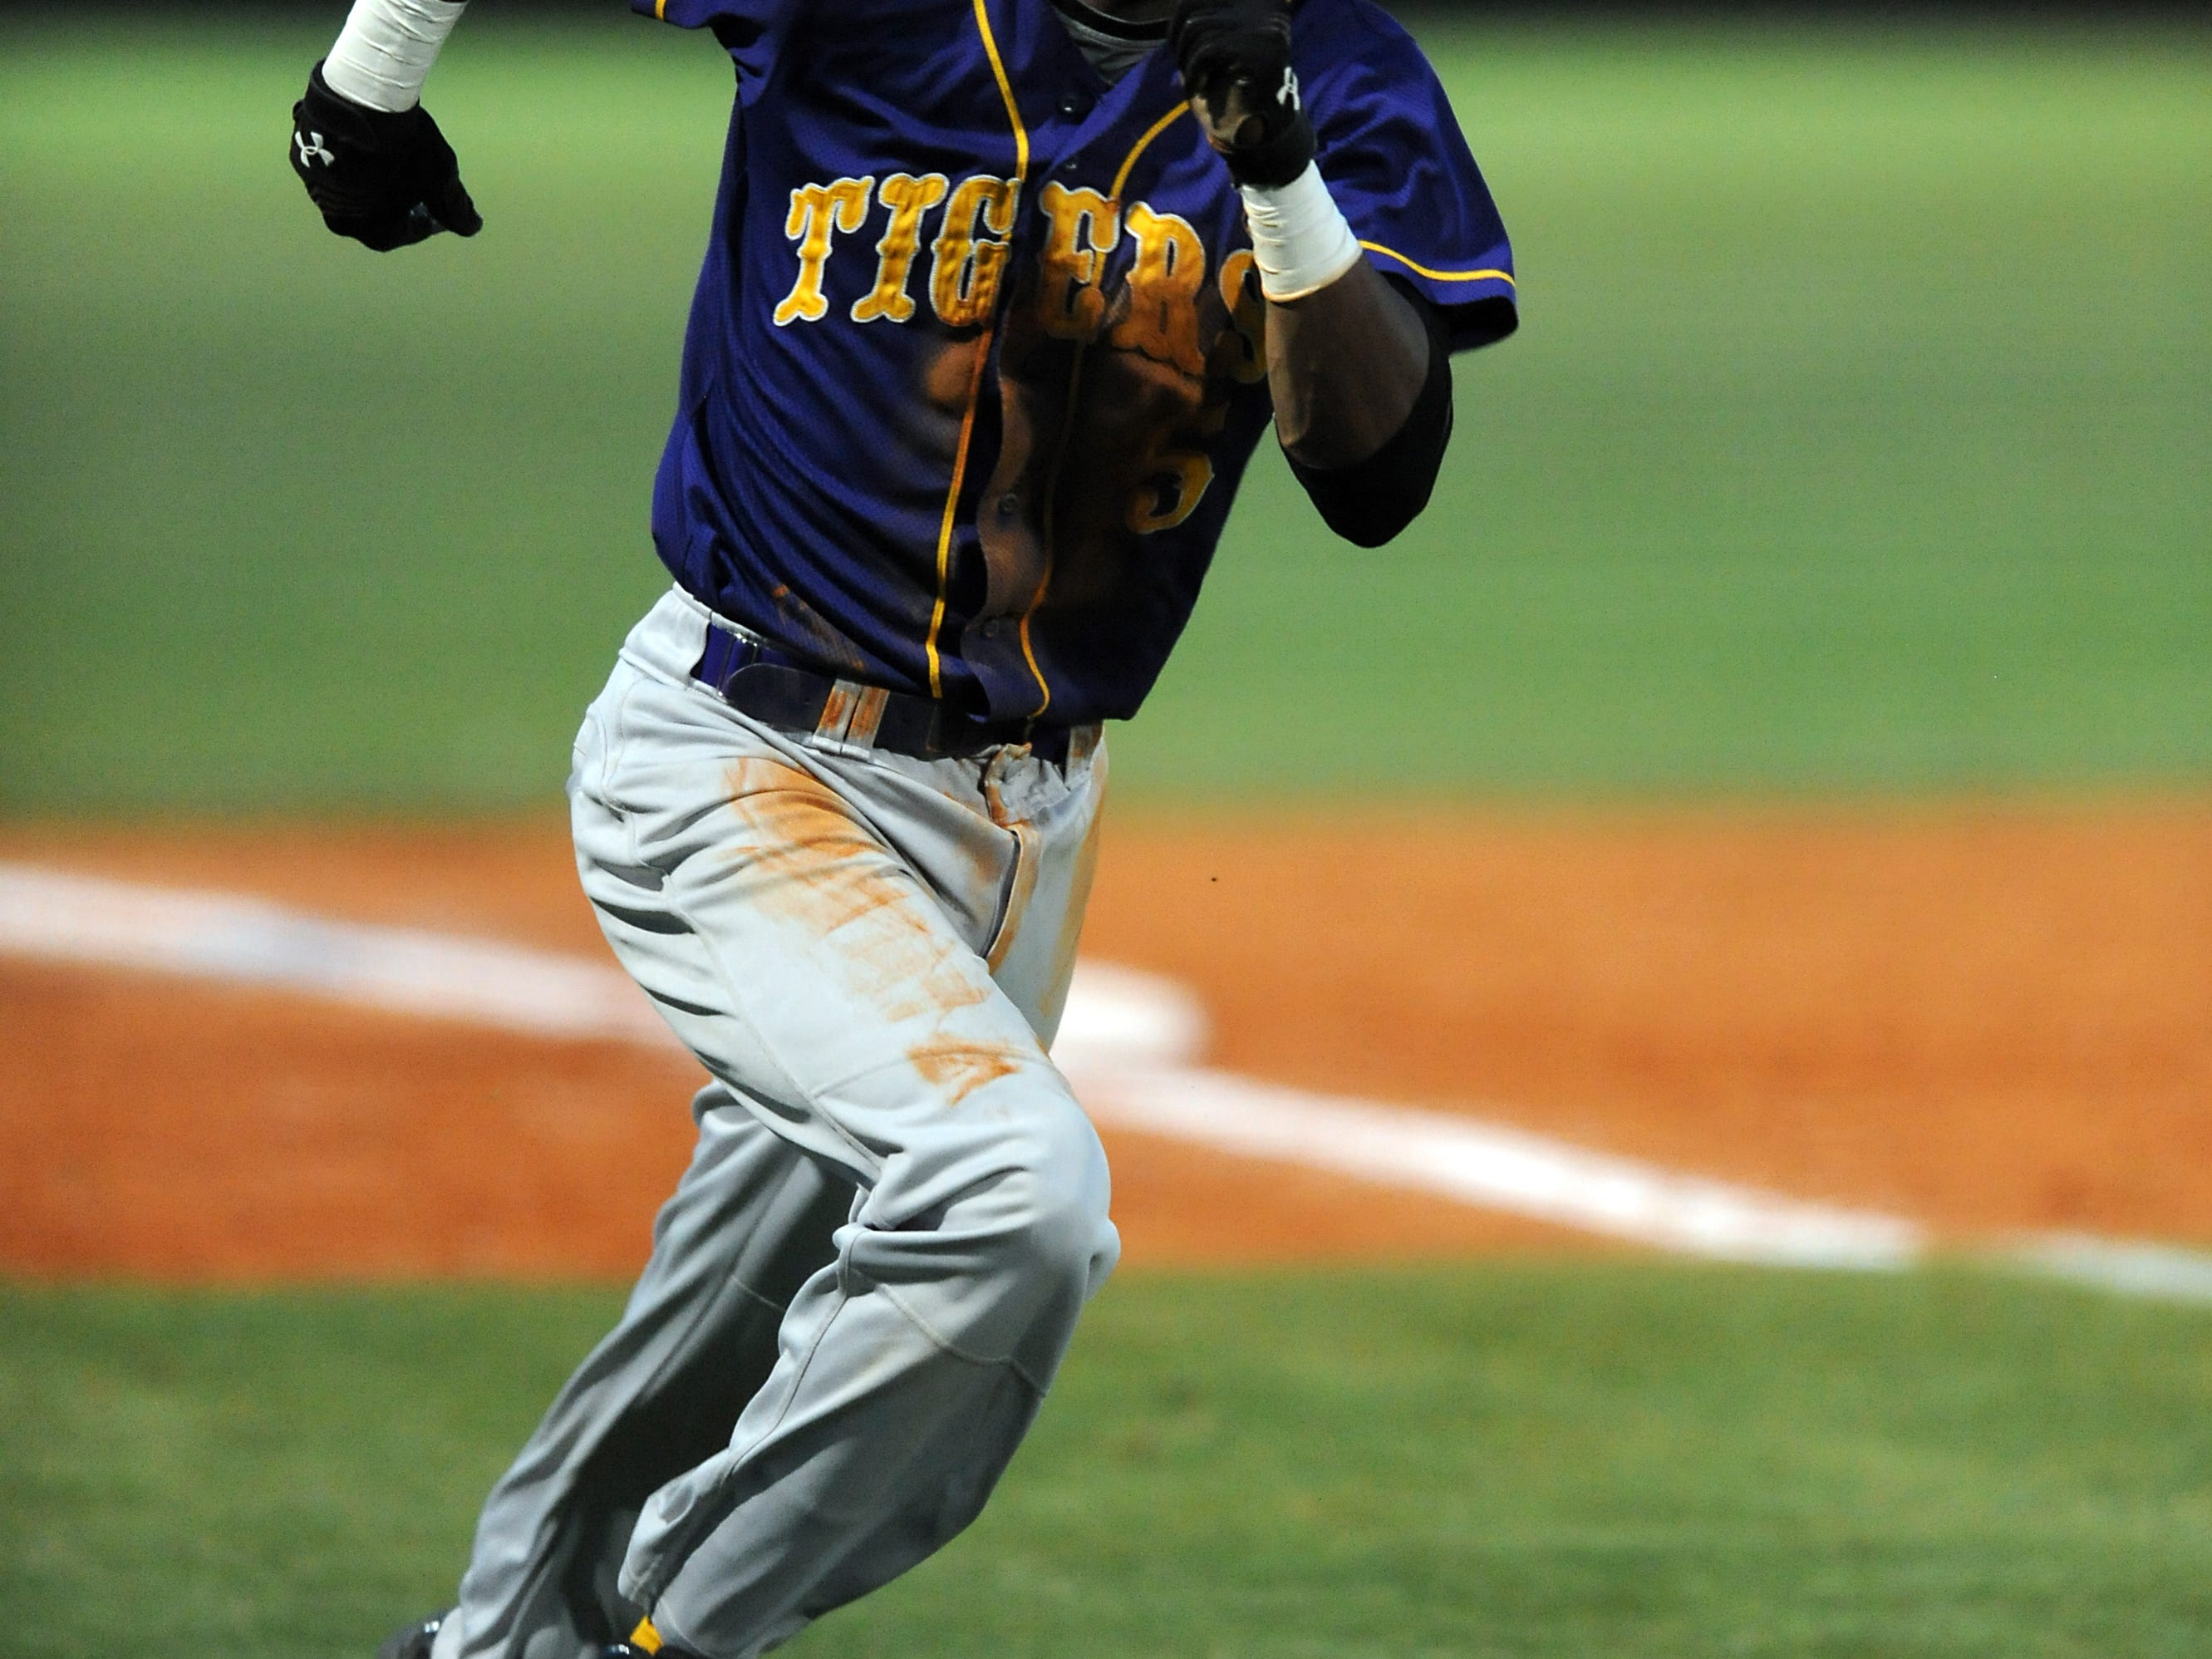 Hattiesburg's Jorronnie Hinton (5) runs home Tuesday during the Tigers' game against Oak Grove at Oak Grove High School.